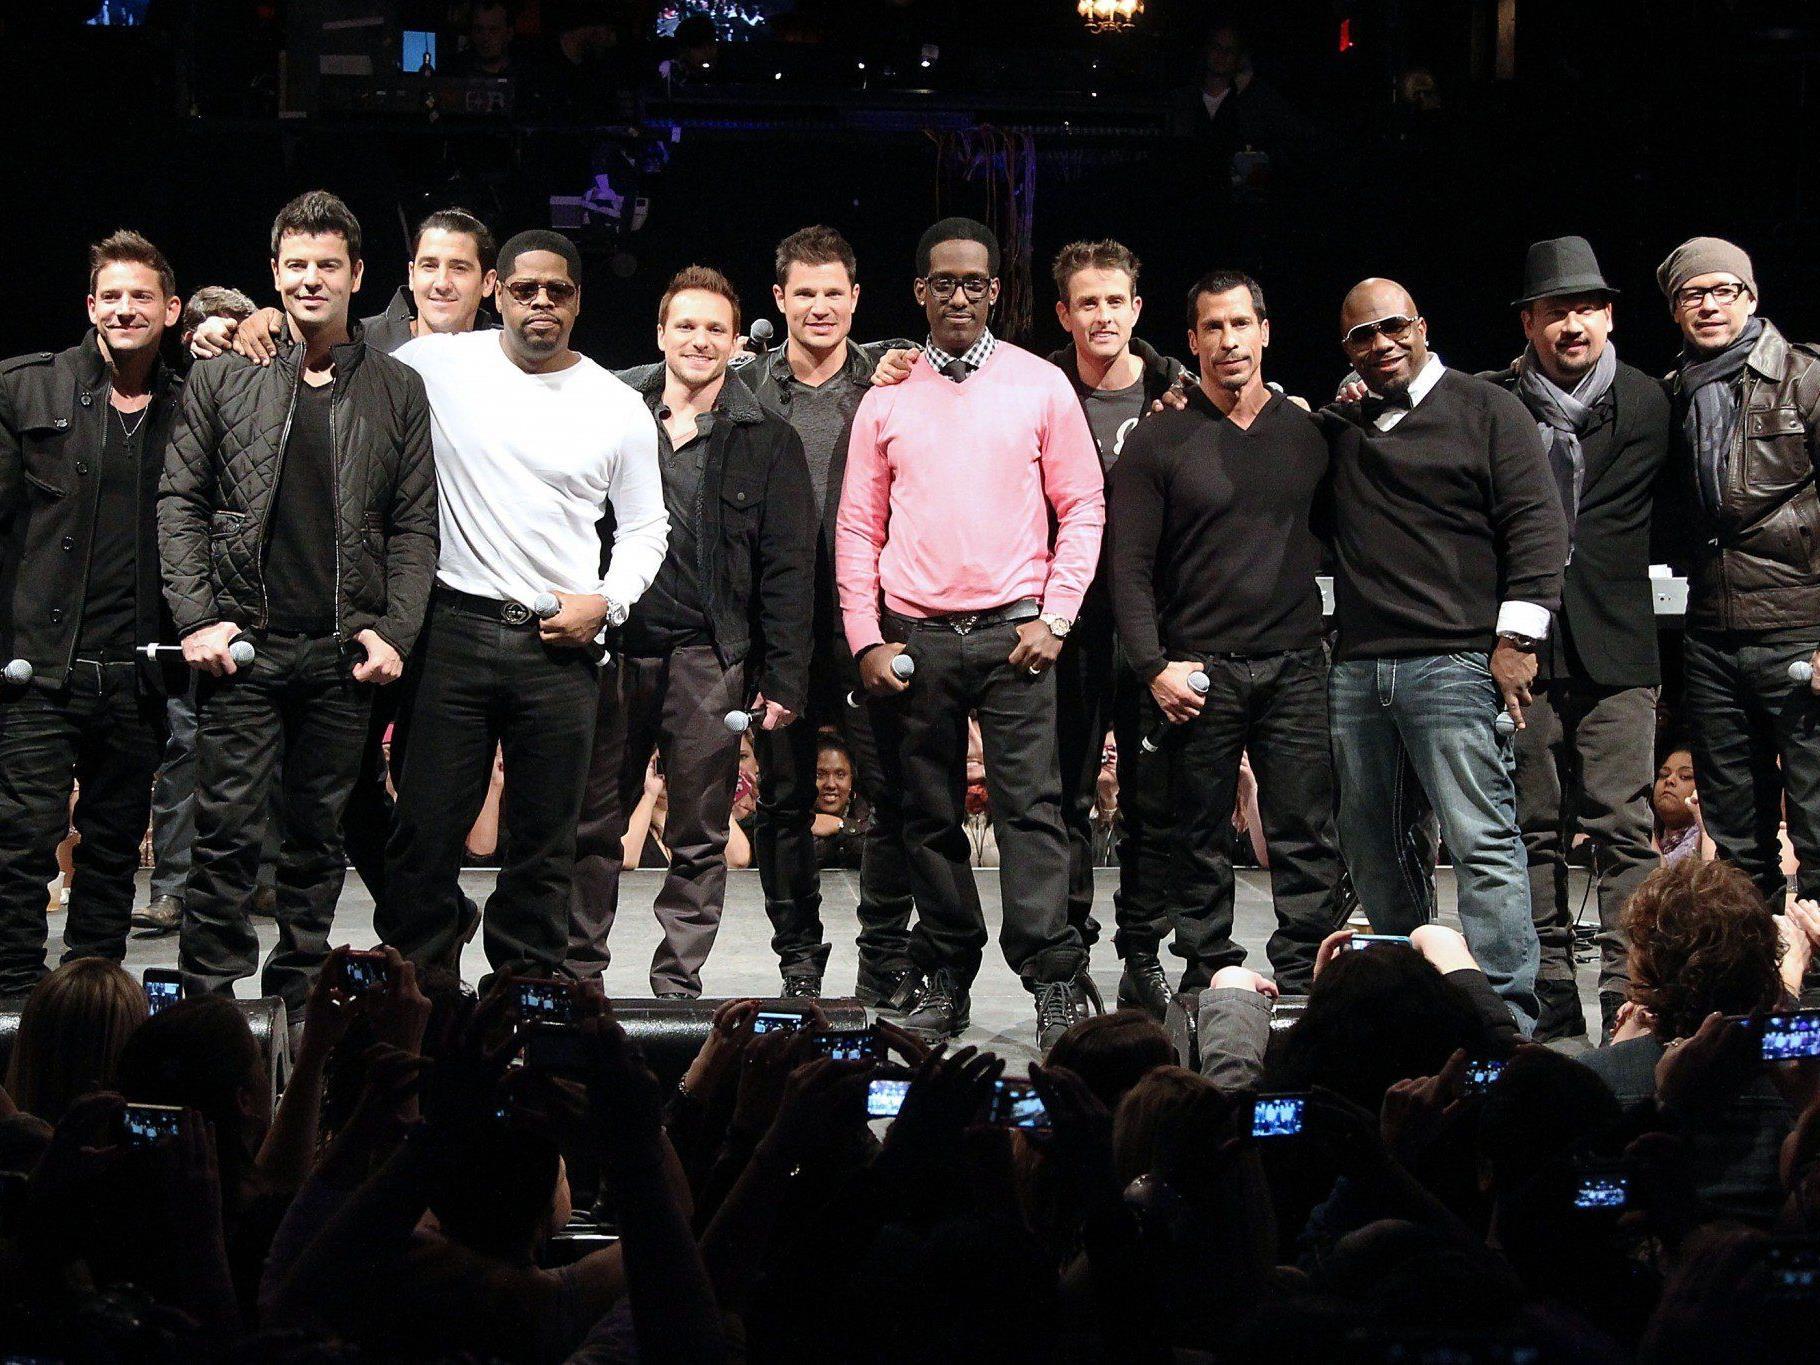 New Kids on the Block, Boyz II Men und 98 Degrees sind in Nordamerika zu sehen.